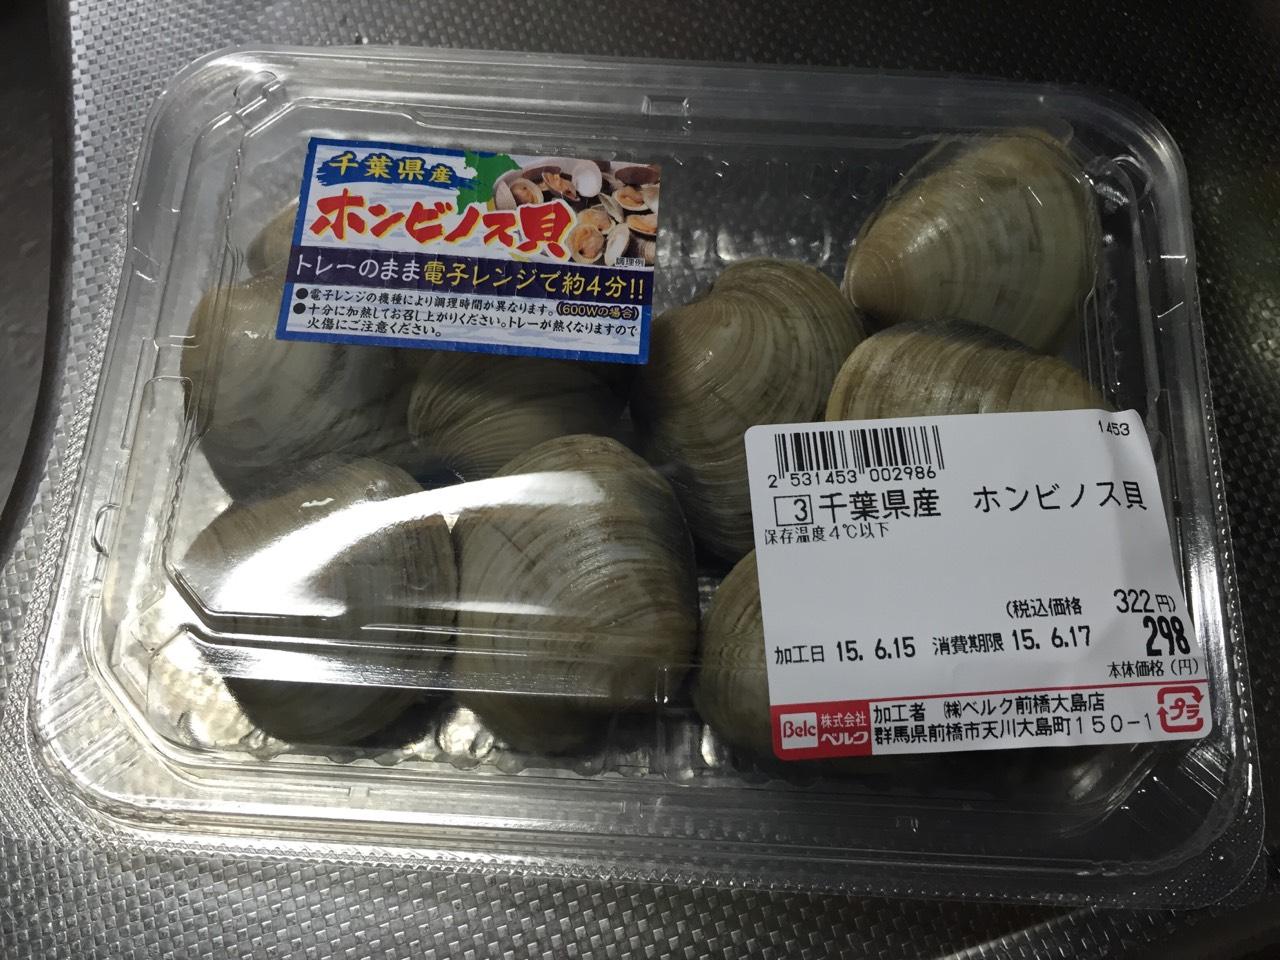 ハマグリより美味い?ホンビノス貝を食べてみた